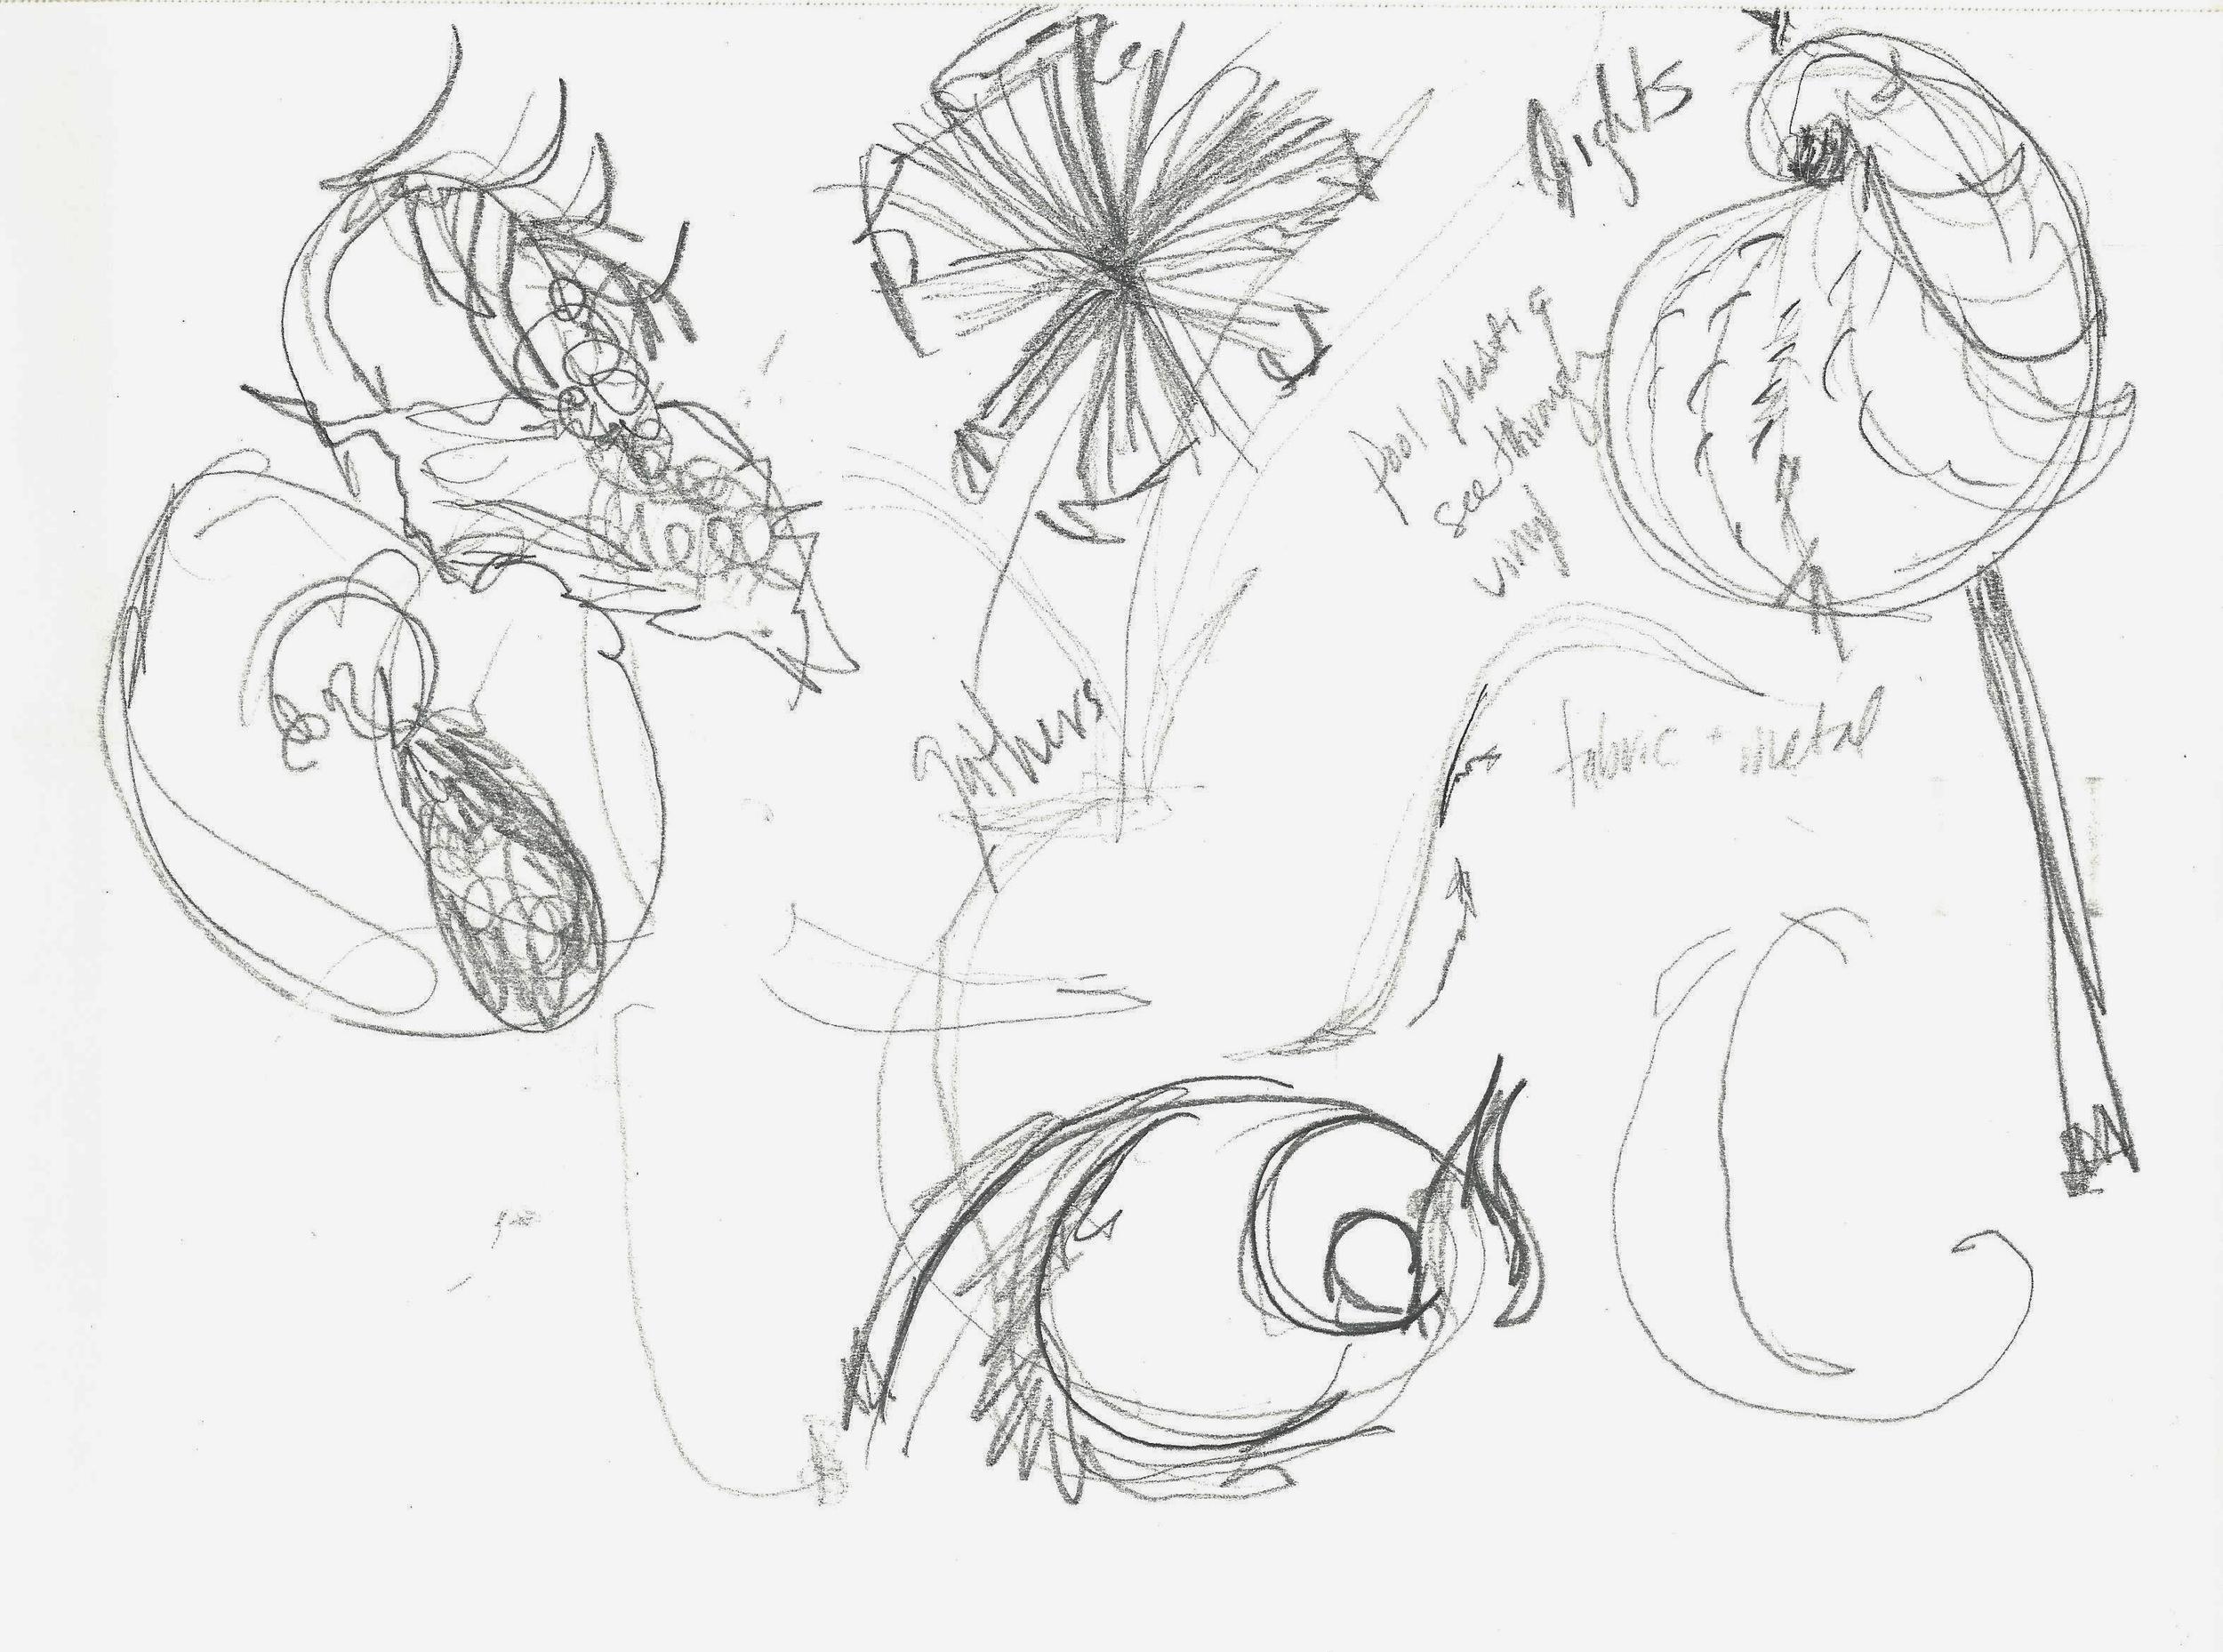 Ikebana sketch0002.jpg